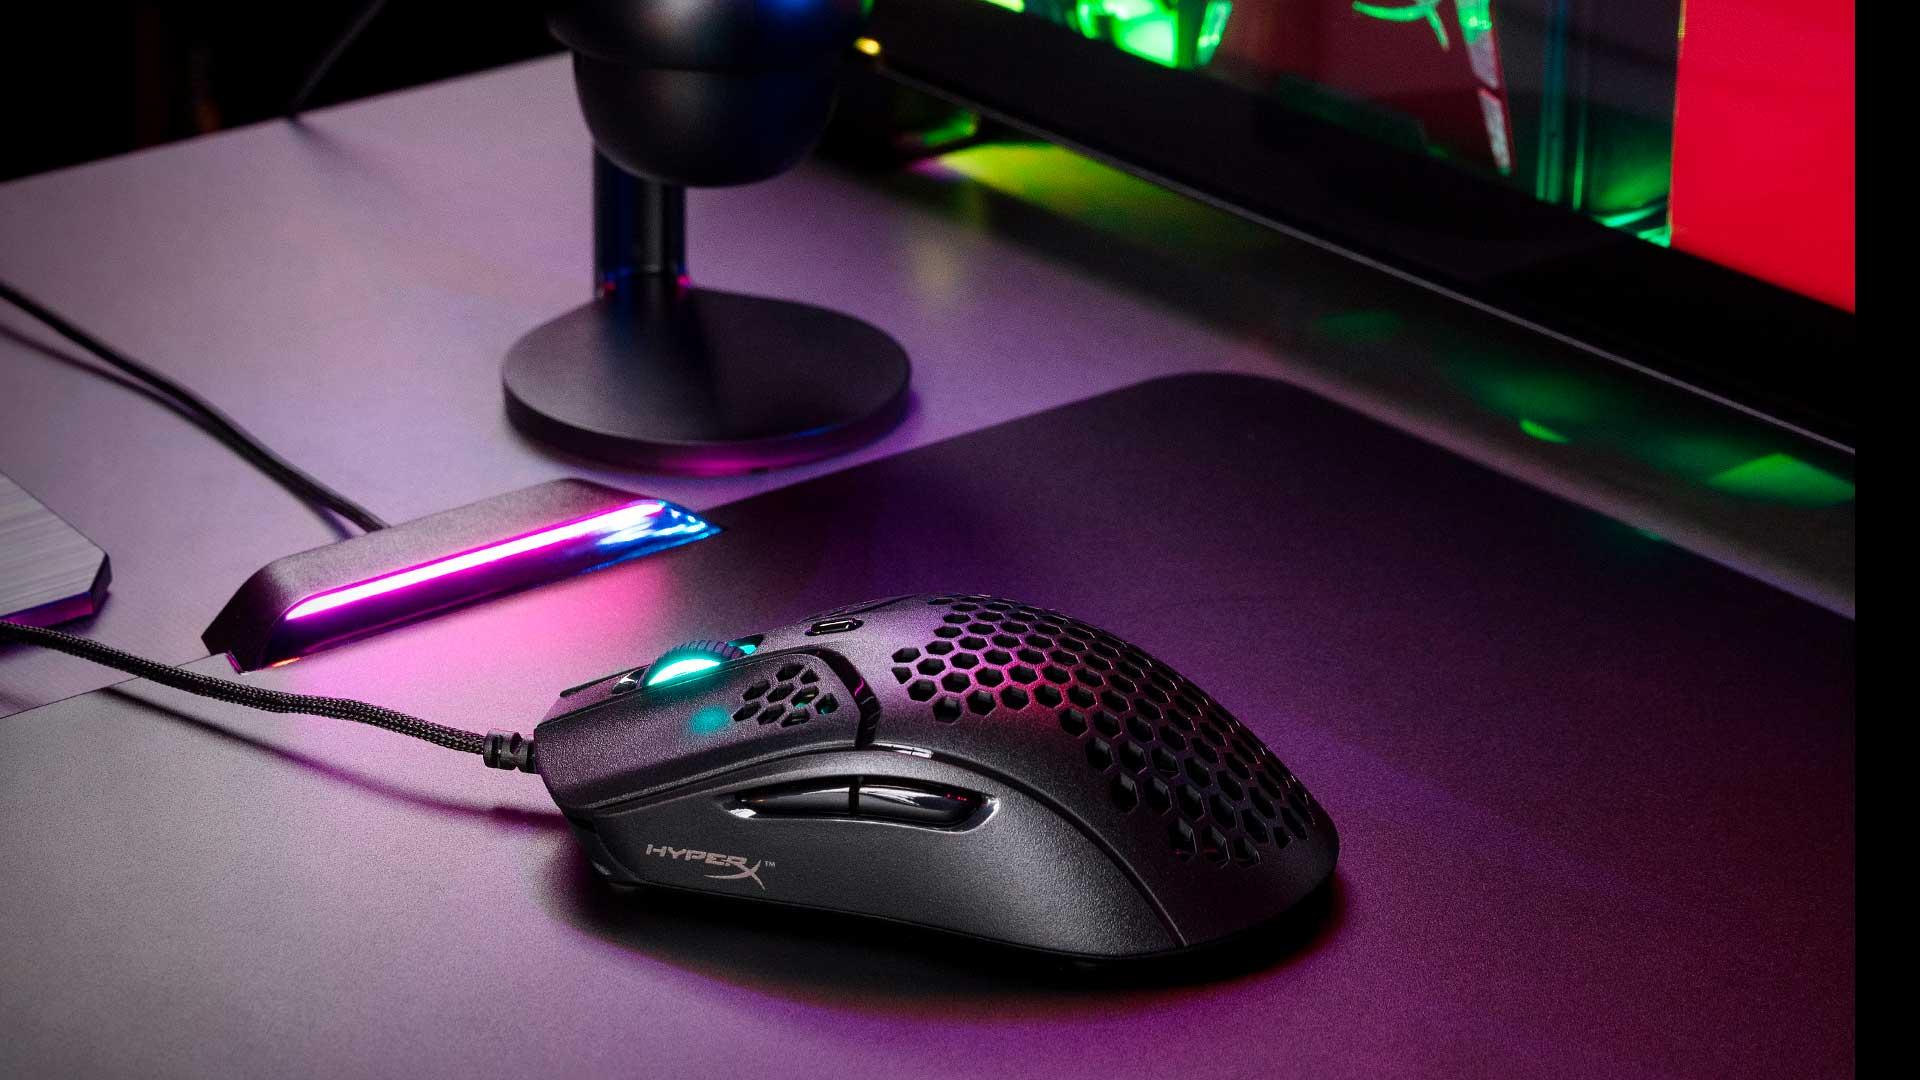 hyperx-lanza-nuevo-mouse-ultra-liviano-pulsefire-haste